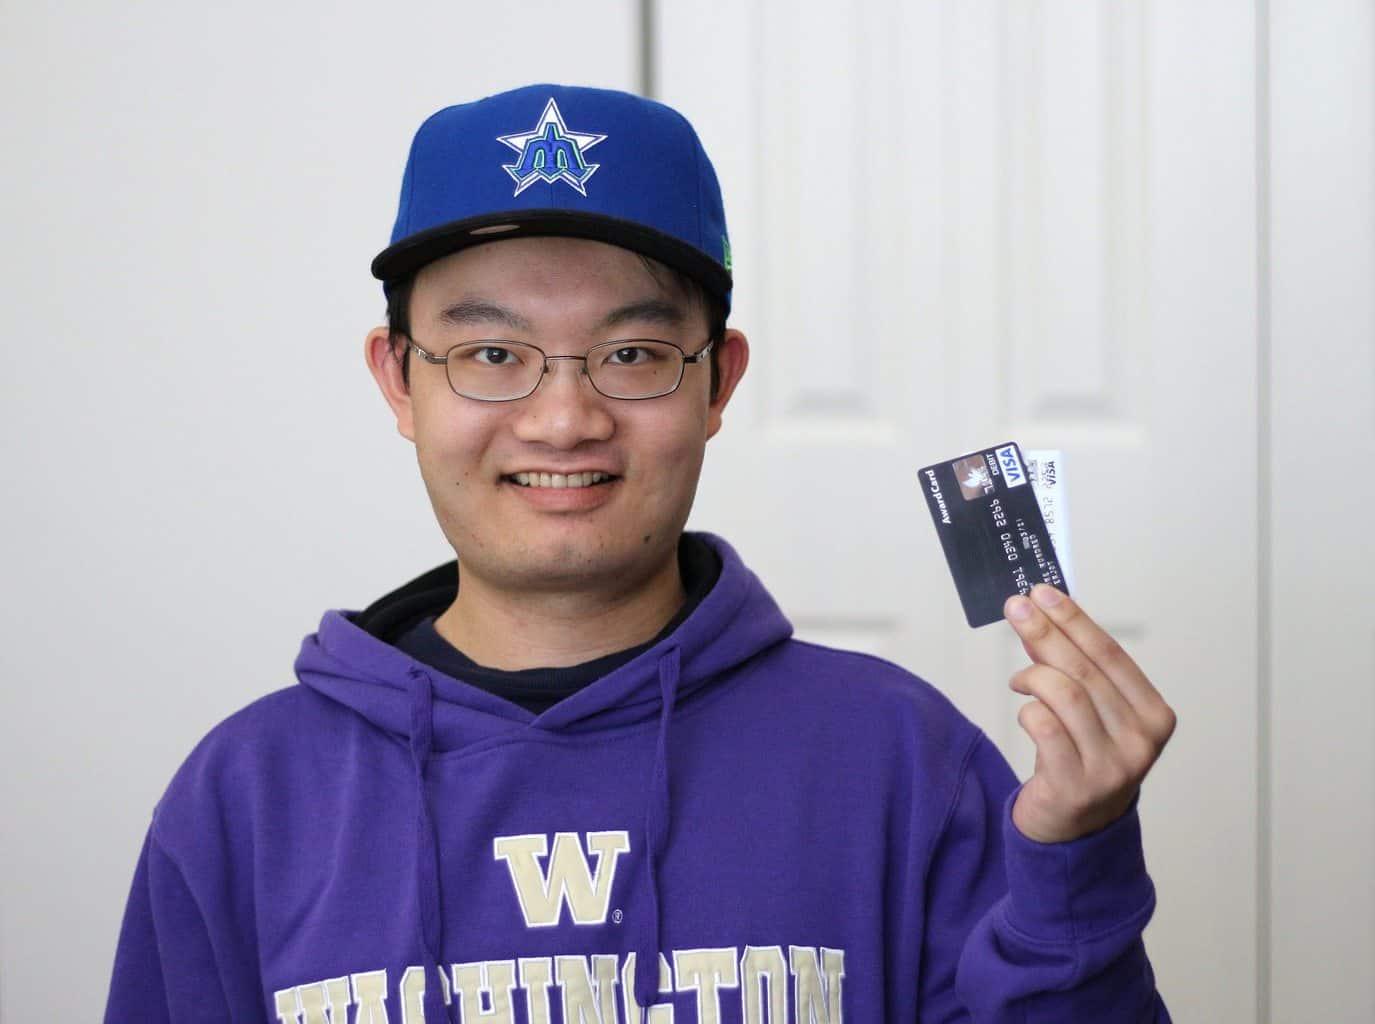 Bilde av mann med kredittkort i hånden